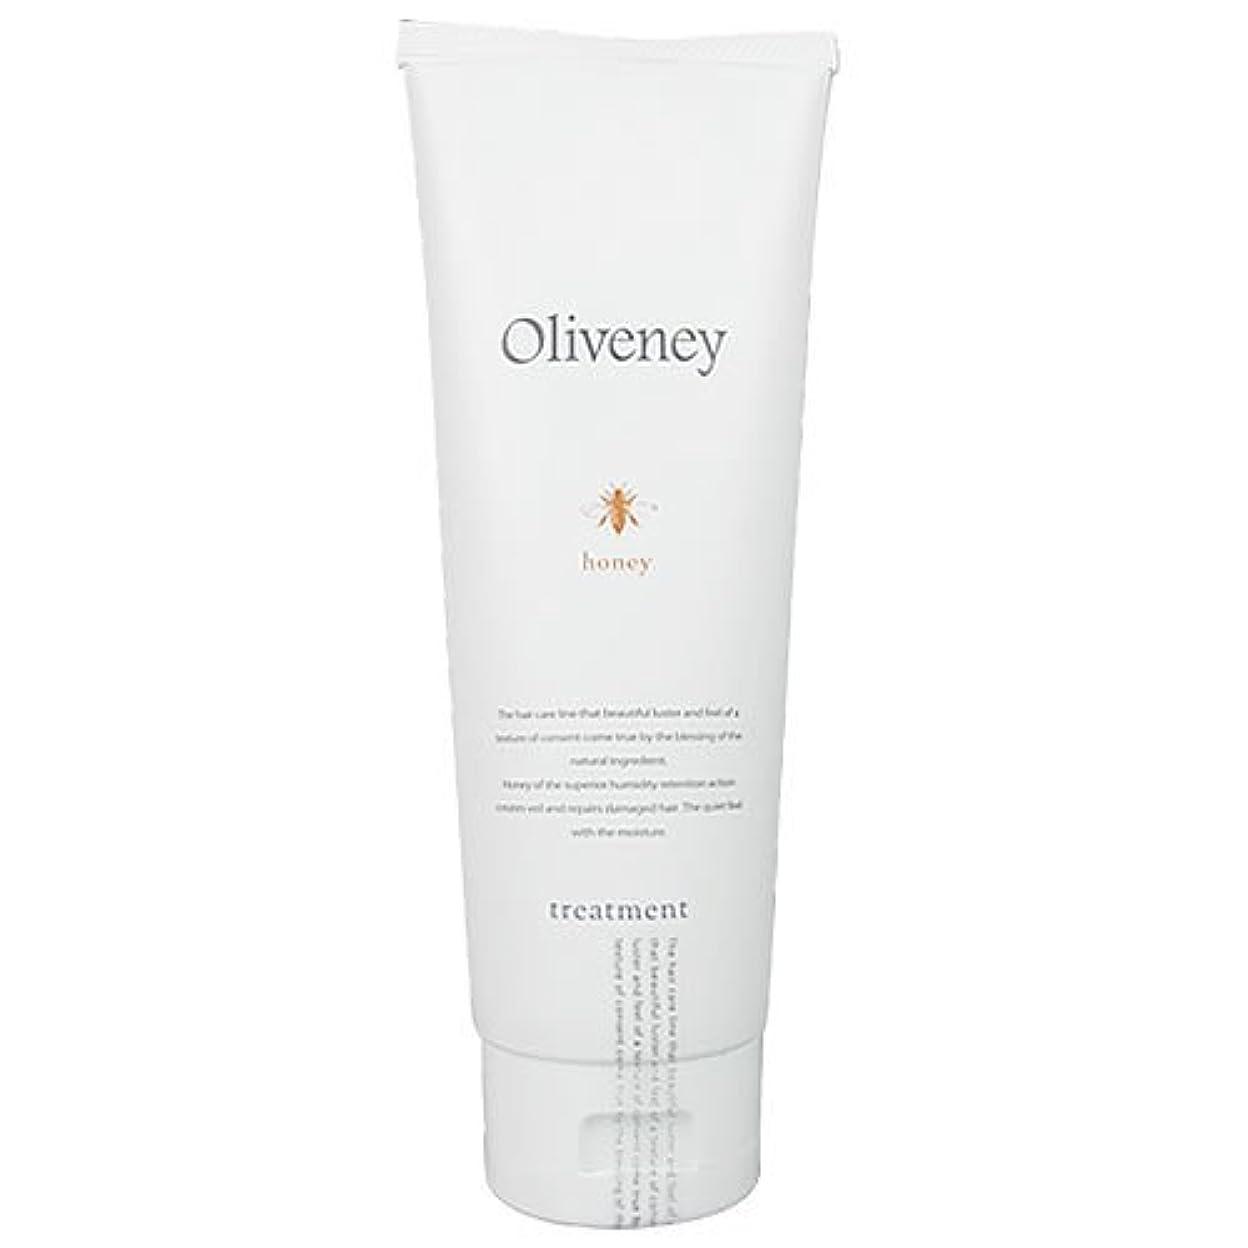 適度に近似いわゆるオリヴァニー OLIVENEY オリヴァニー HNヘアトリートメント 170g [並行輸入品]